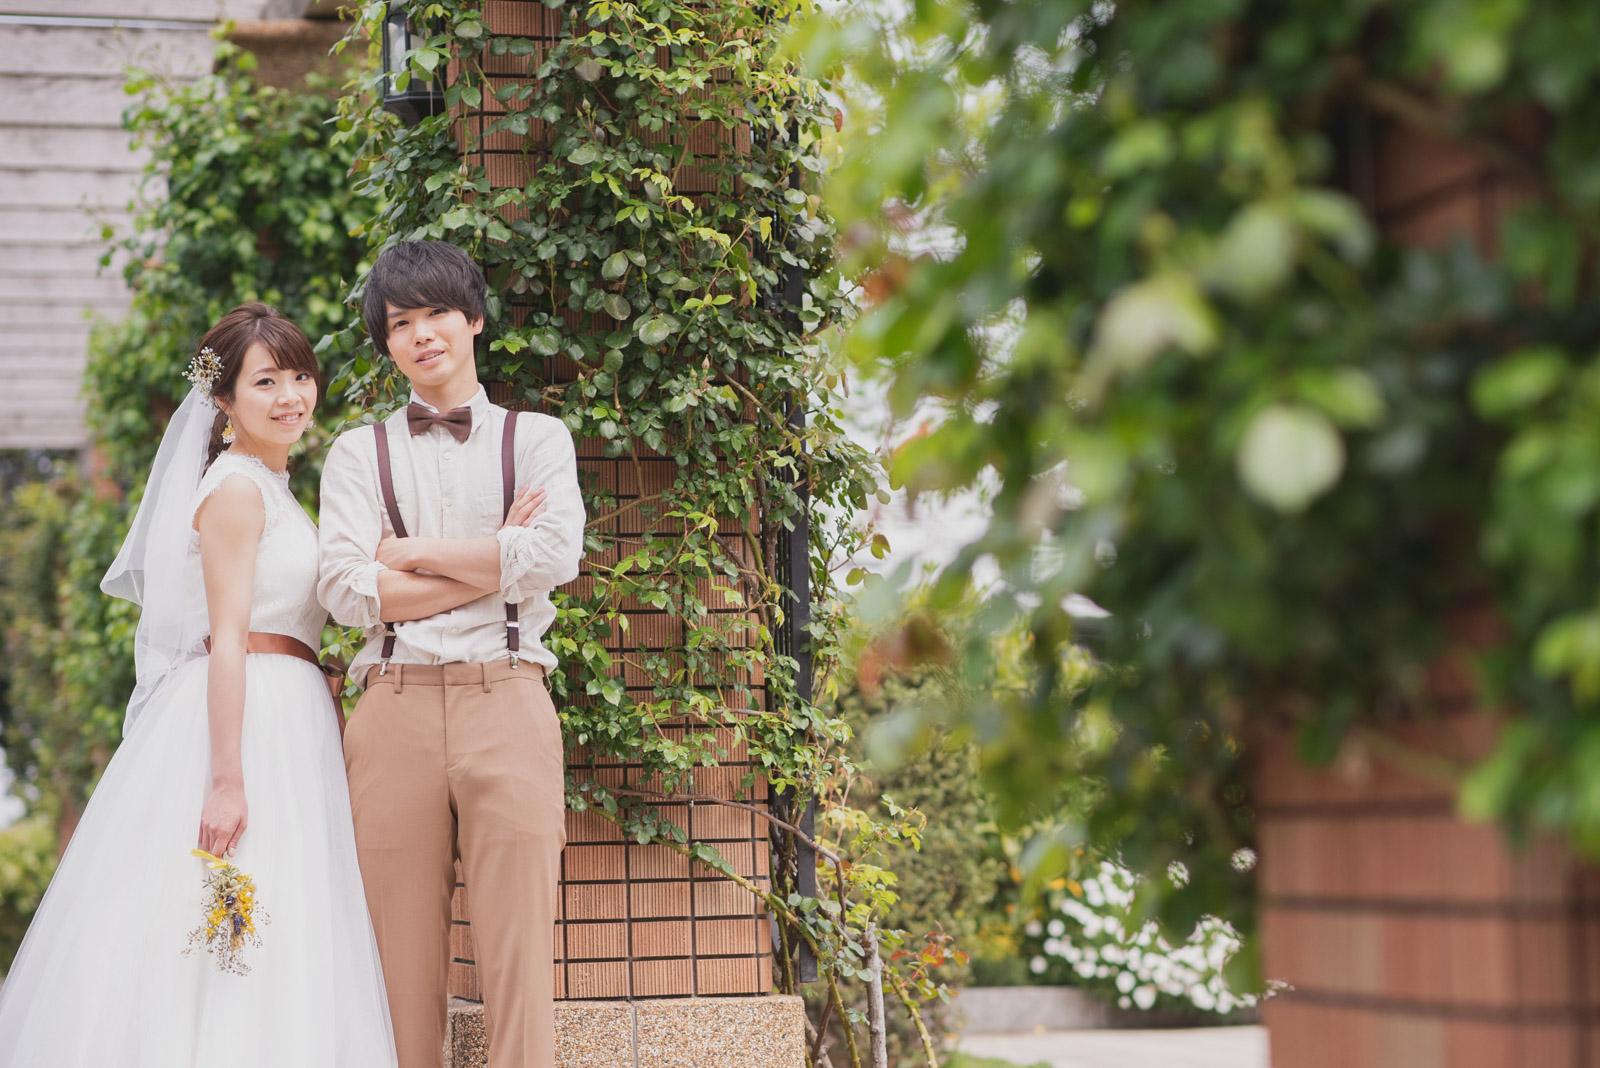 glry_yamashita_11